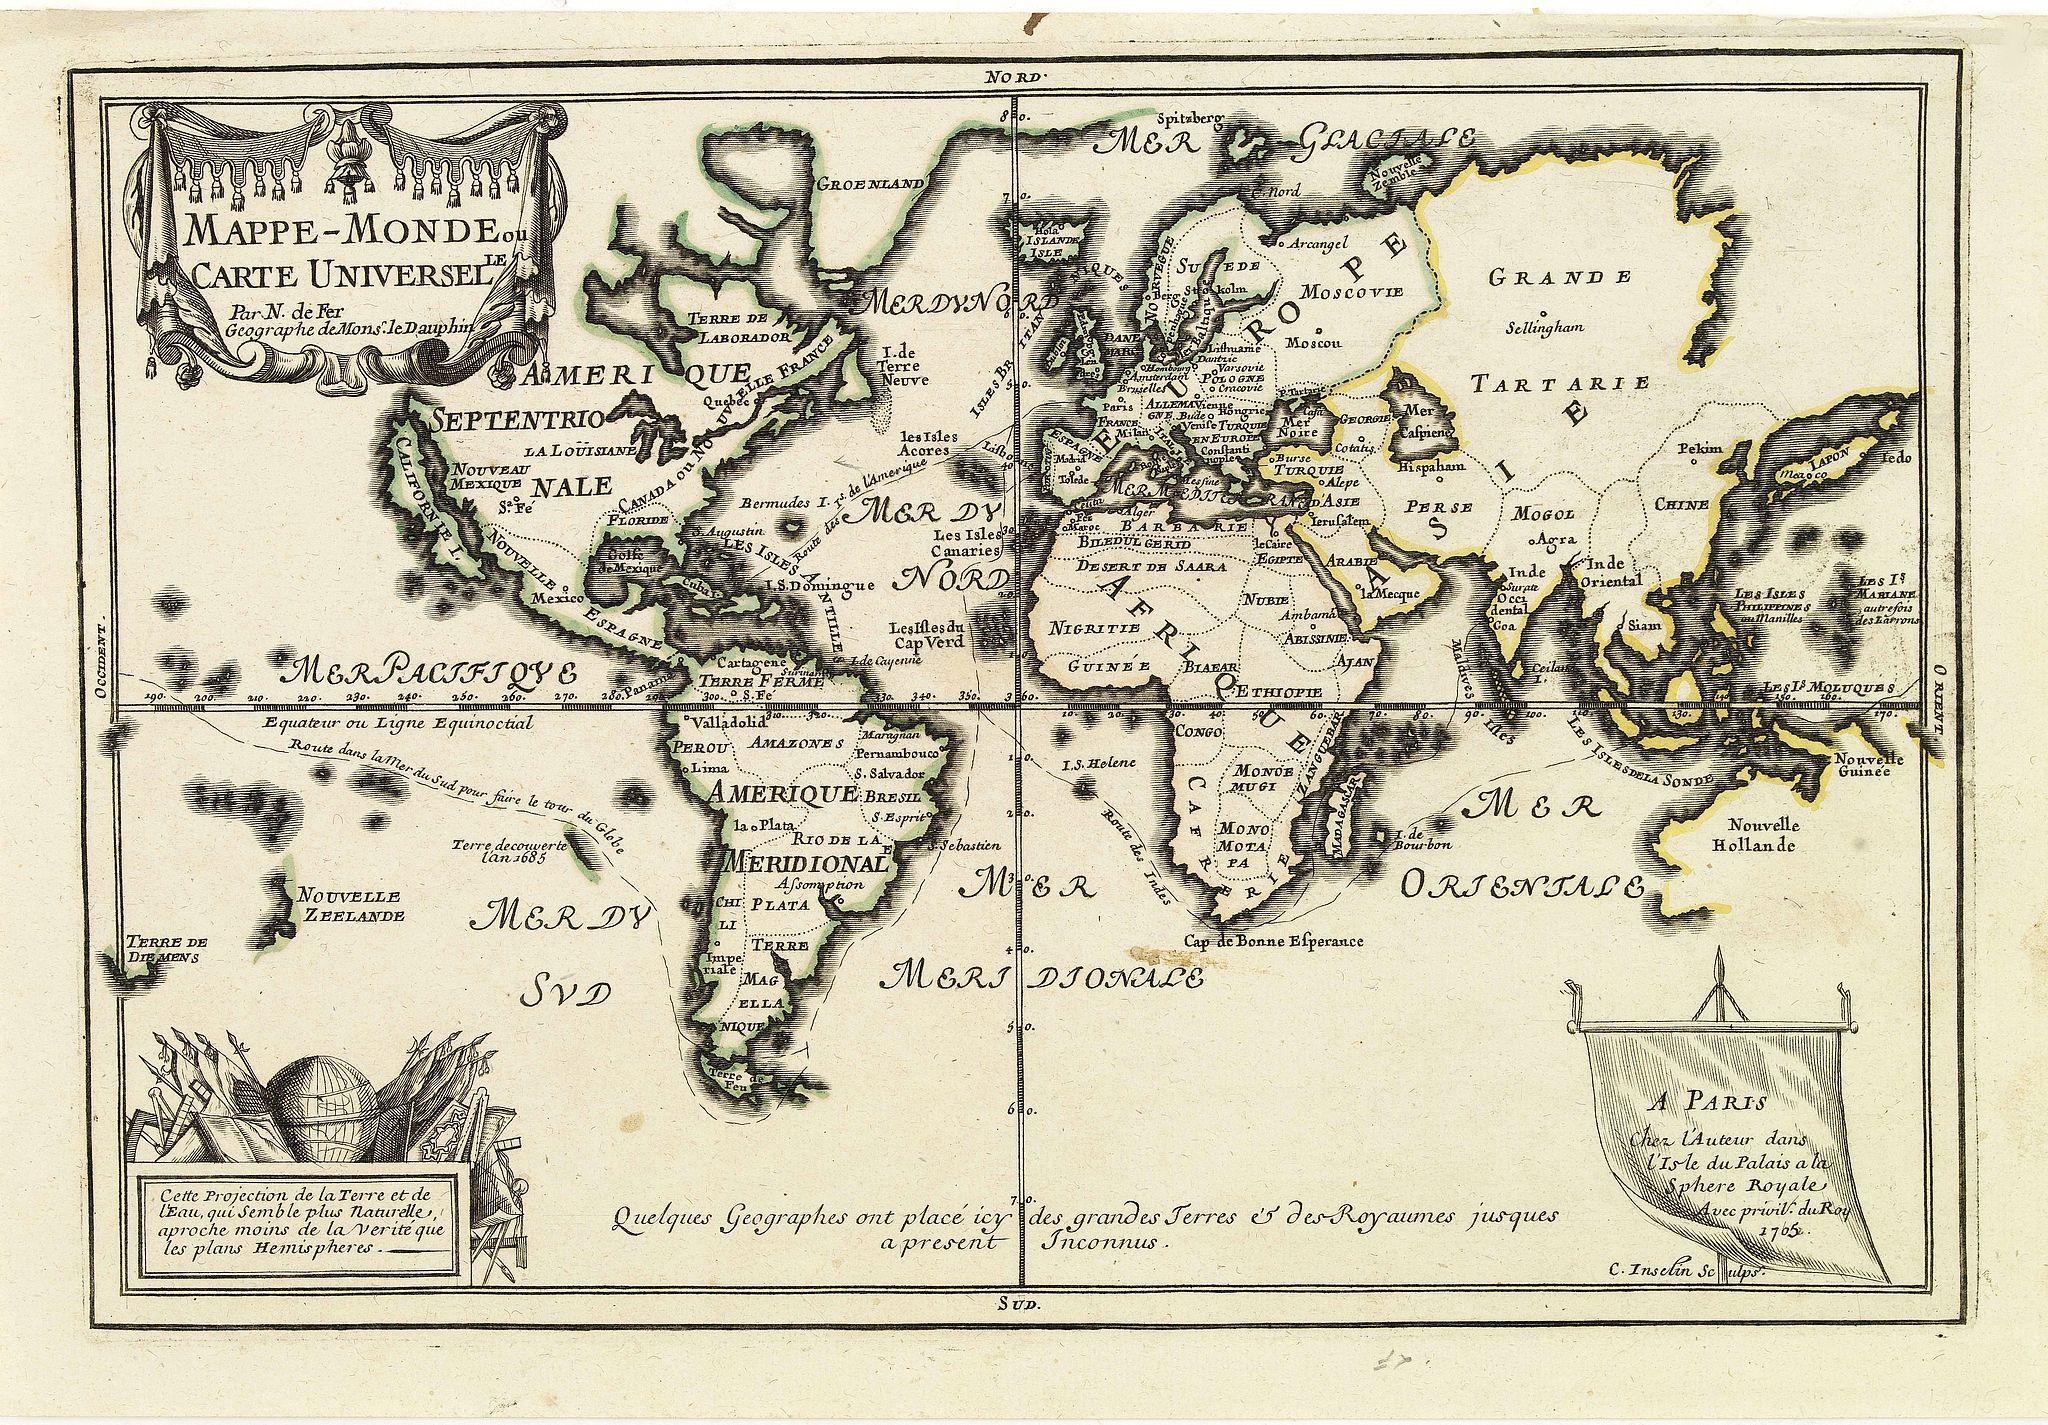 FER,N. De -  Mappe-Monde ou carte Universelle. . .